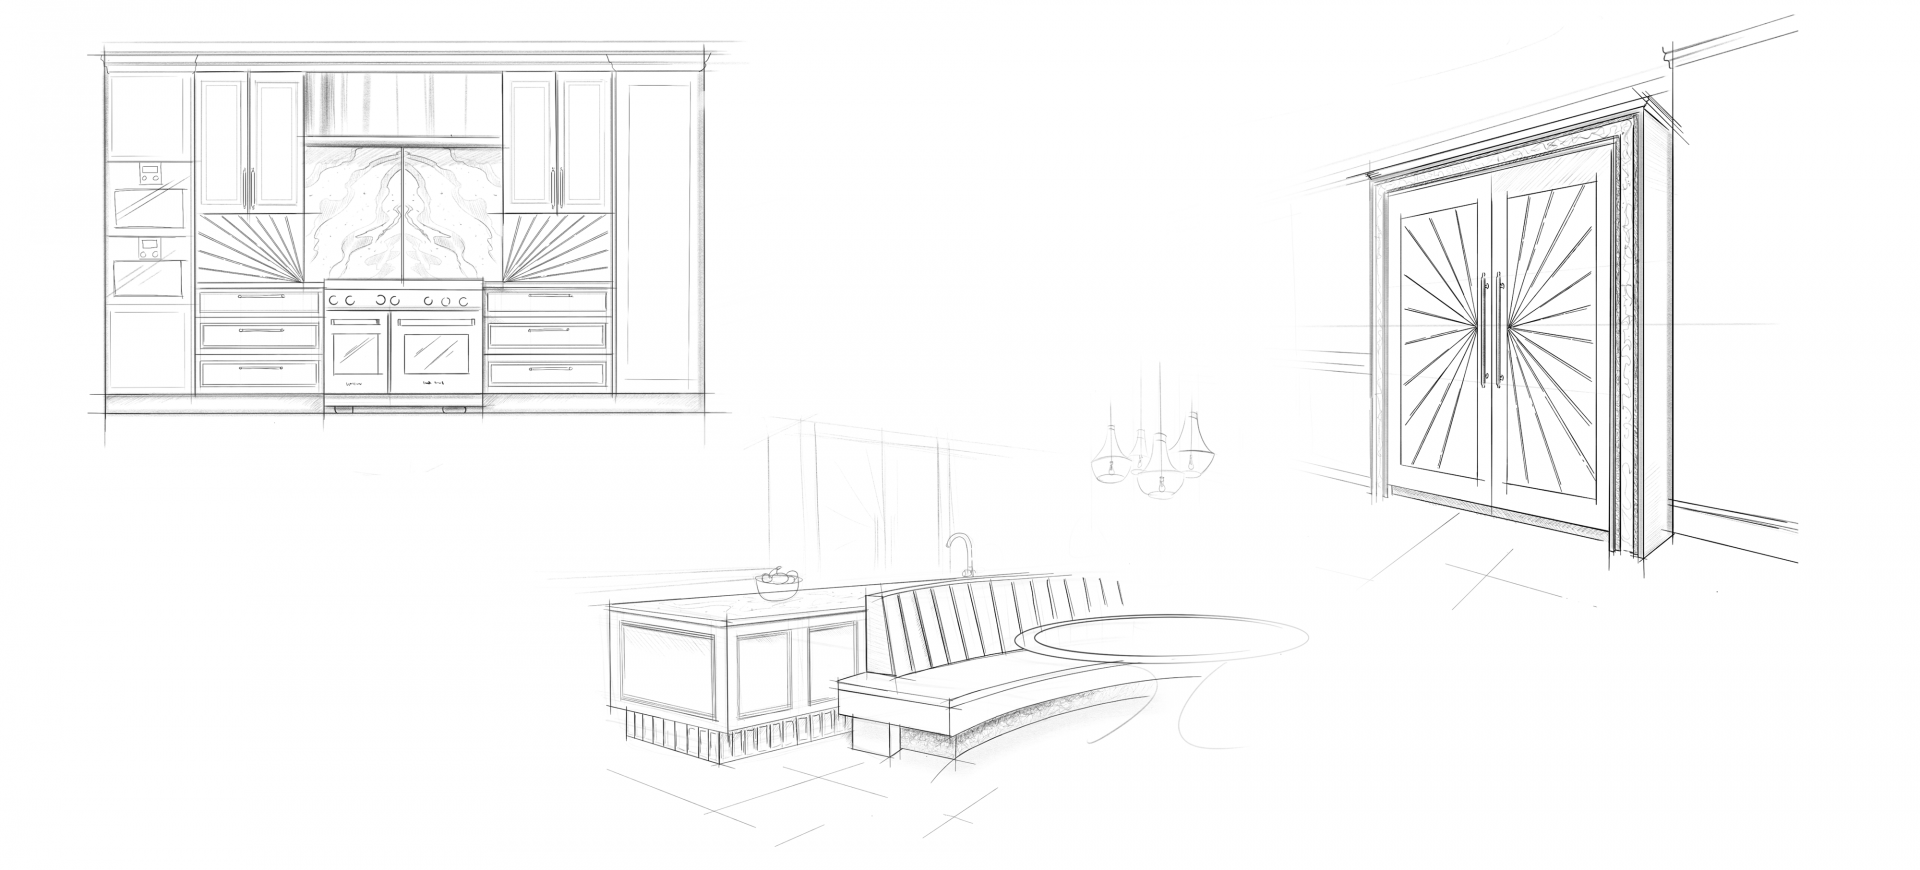 Kitchen Design Sketch by Extreme Design